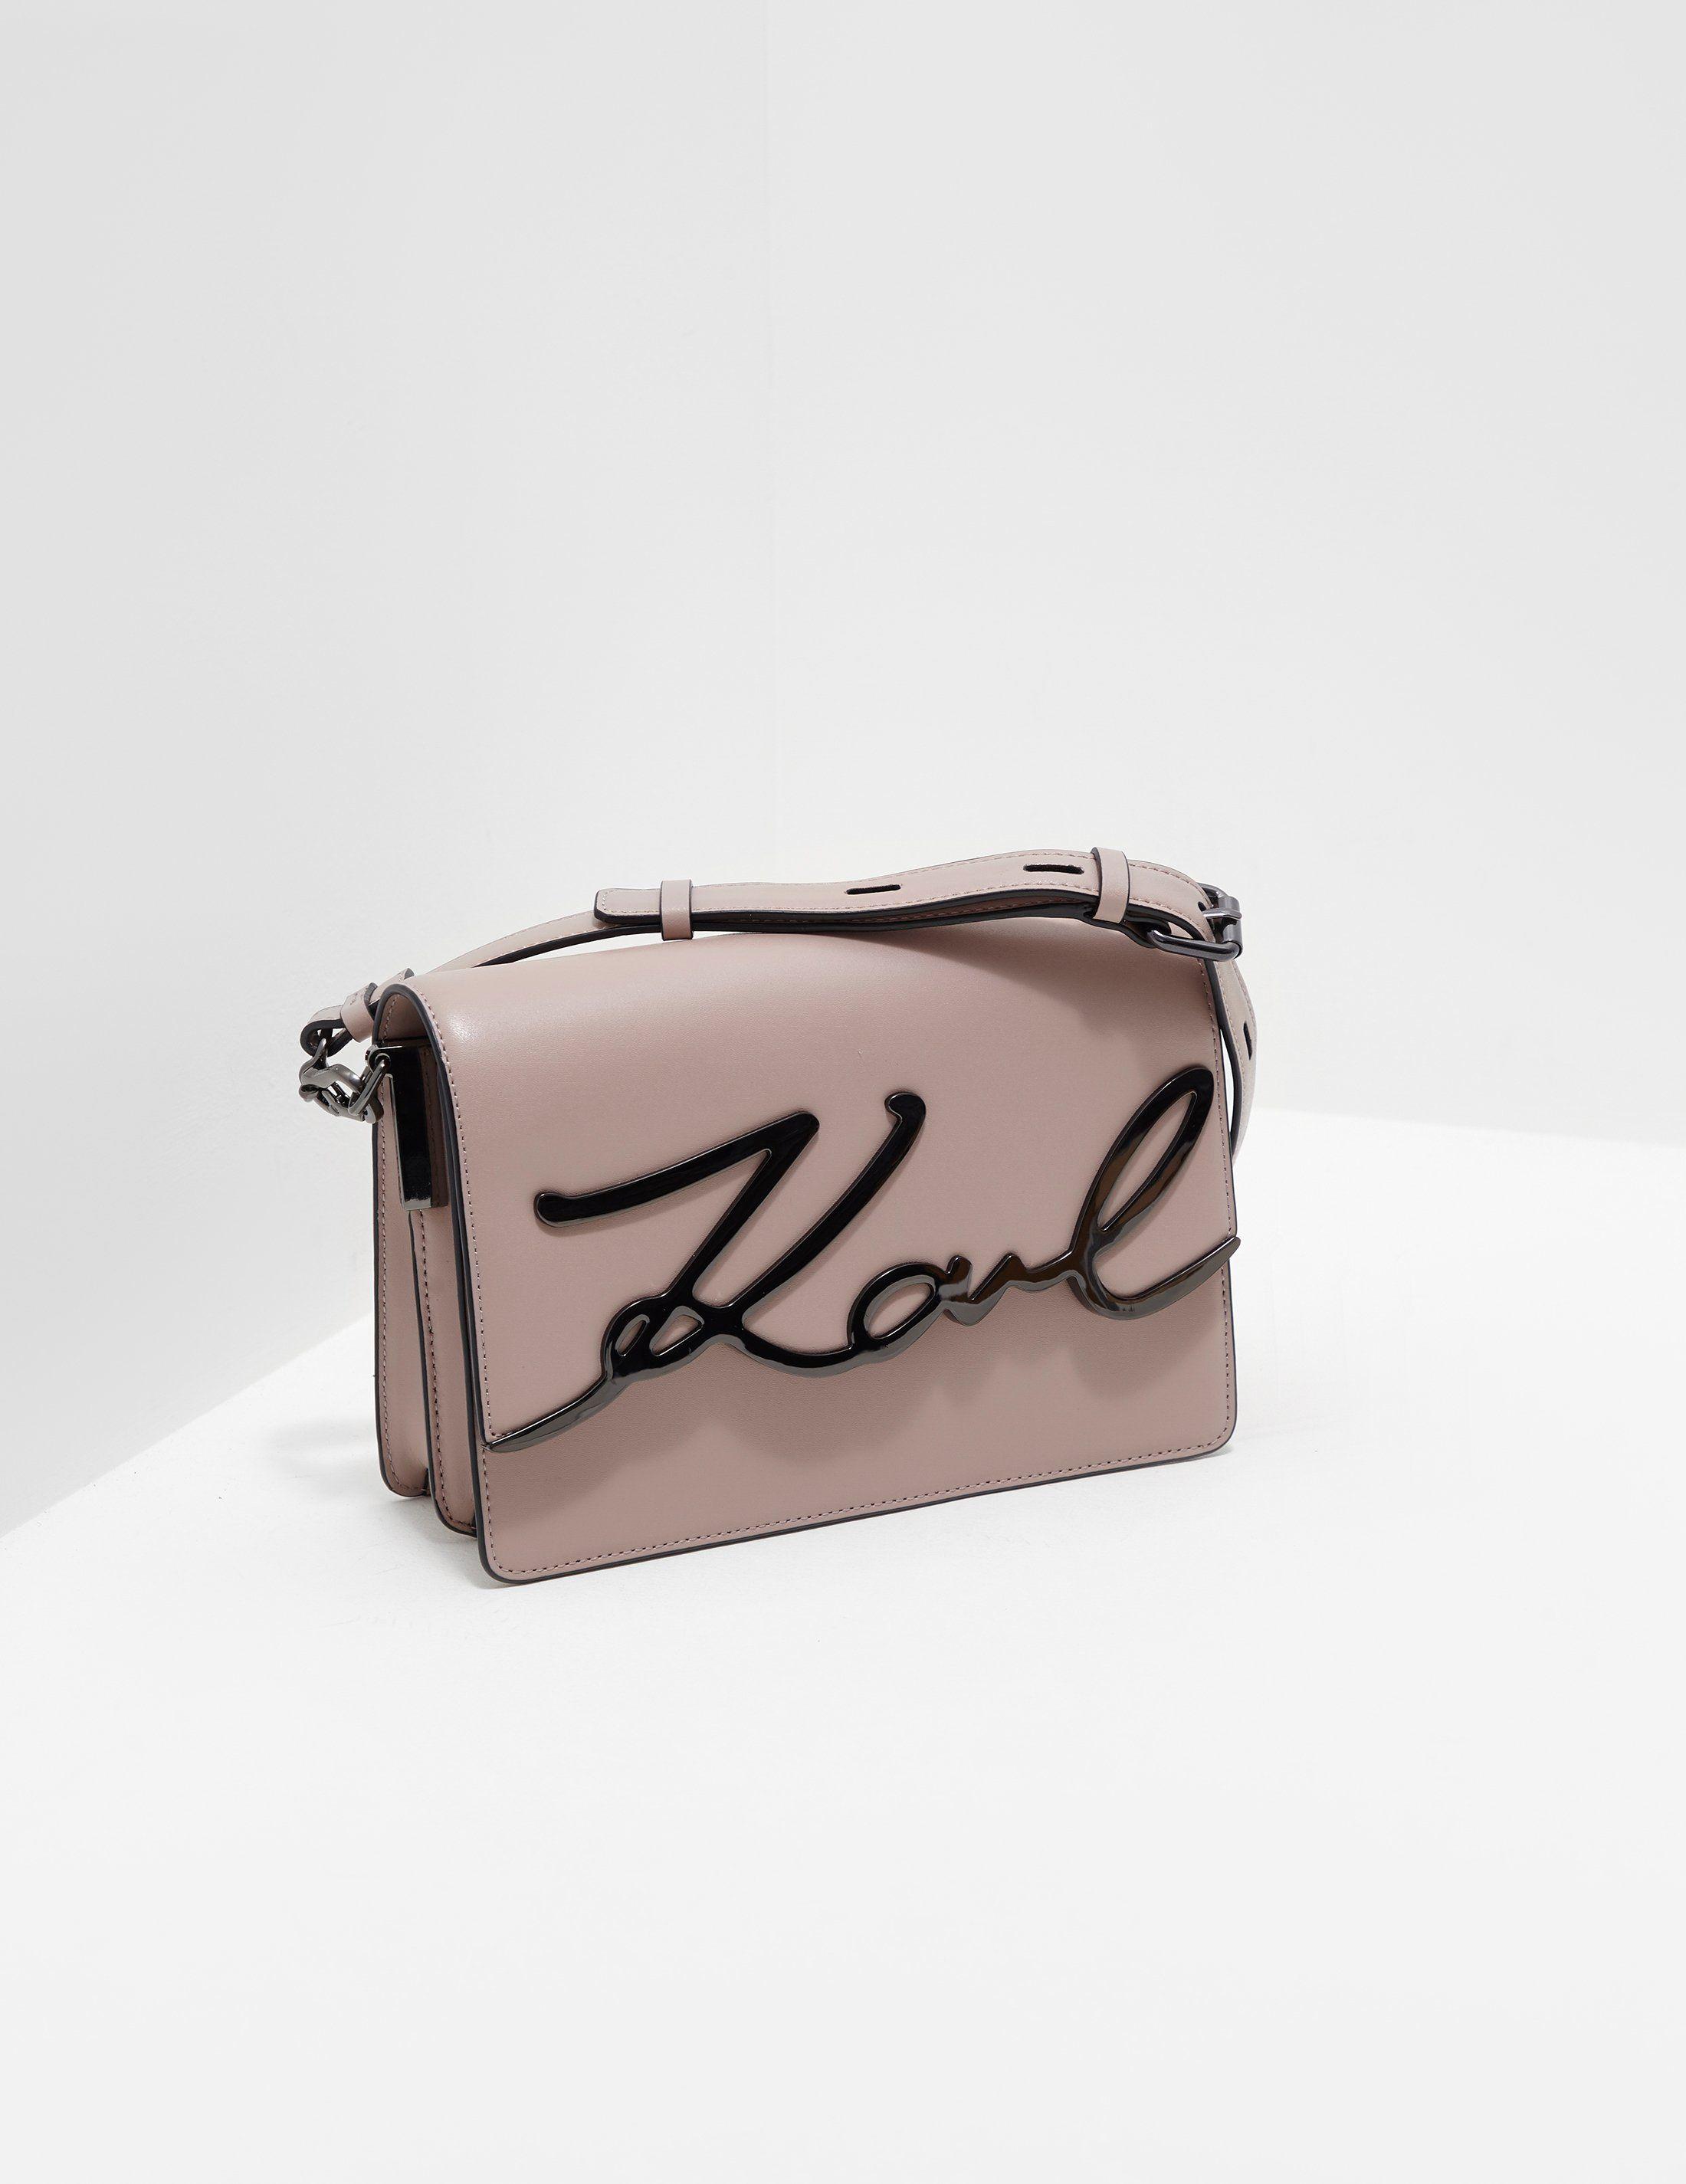 Karl Lagerfeld Signature Leather Shoulder Bag